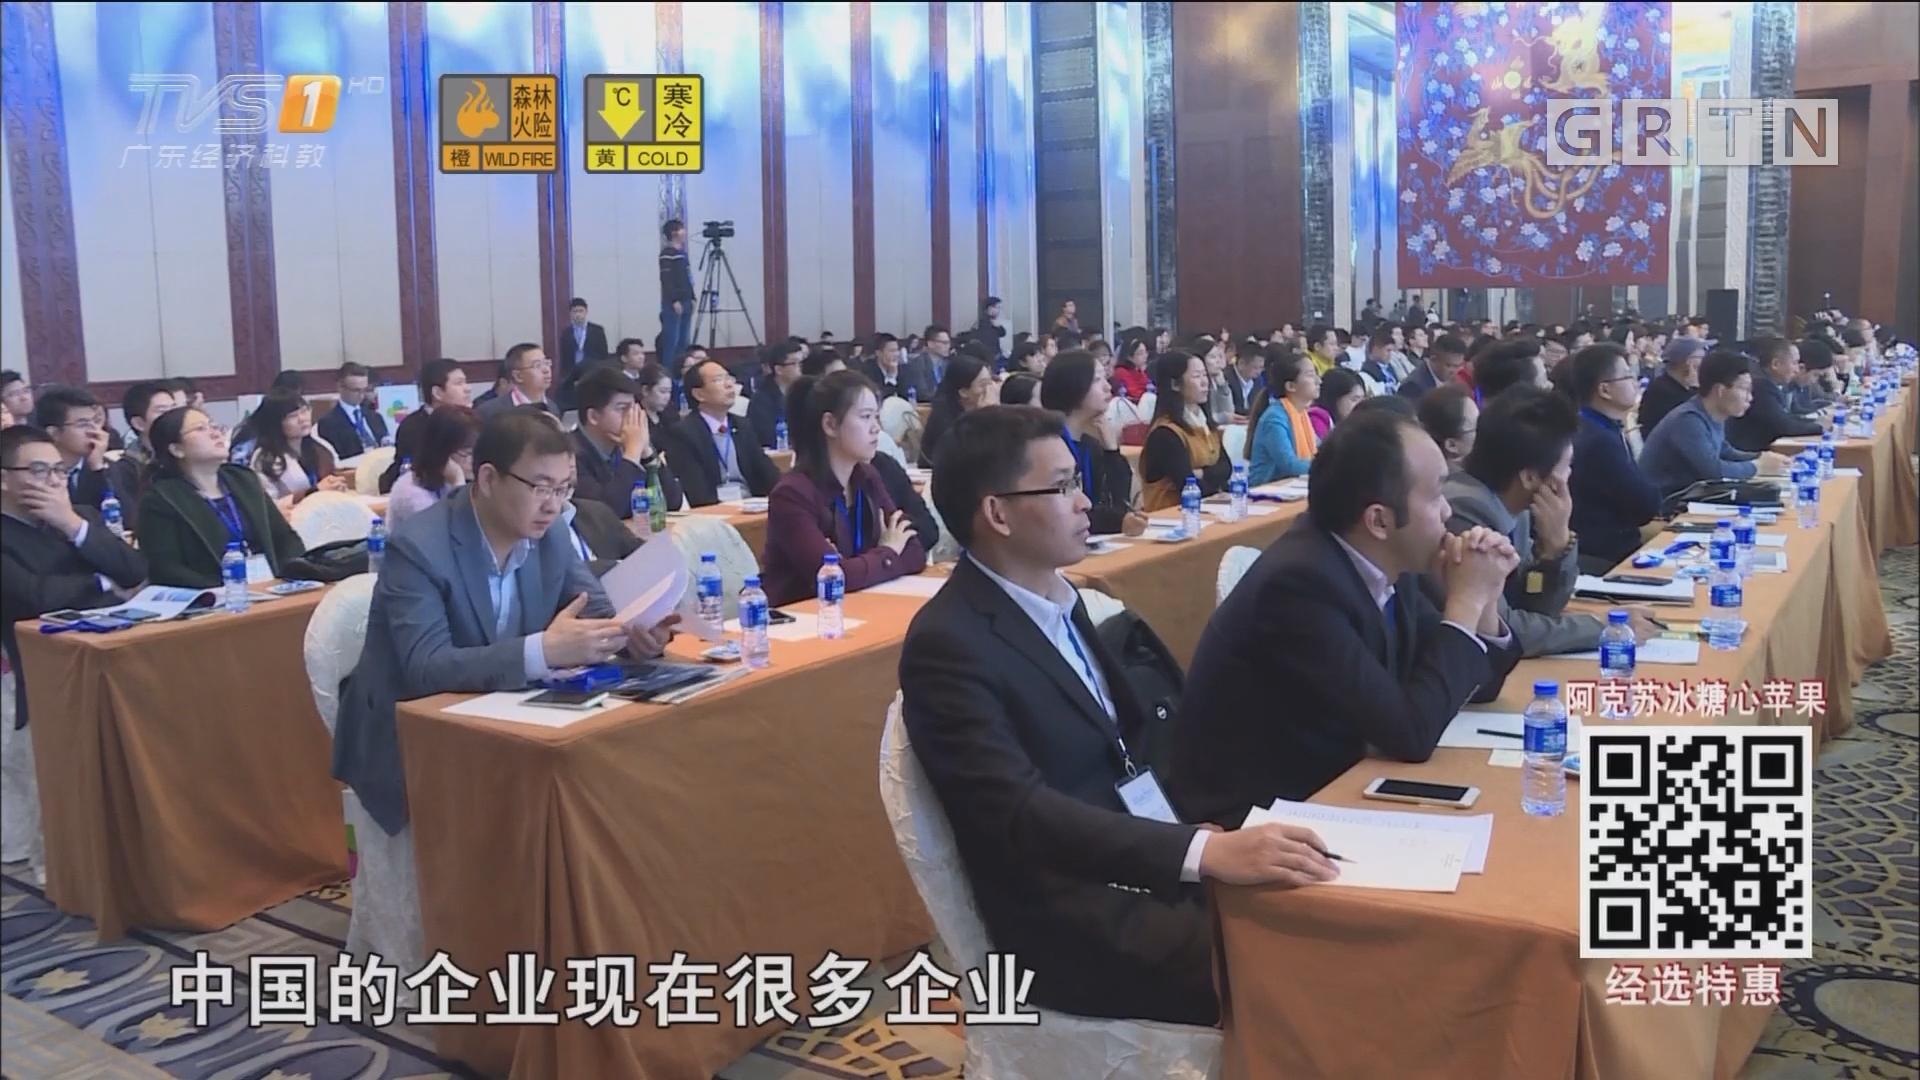 对话未来 聚焦2017亚洲产业与资本峰会